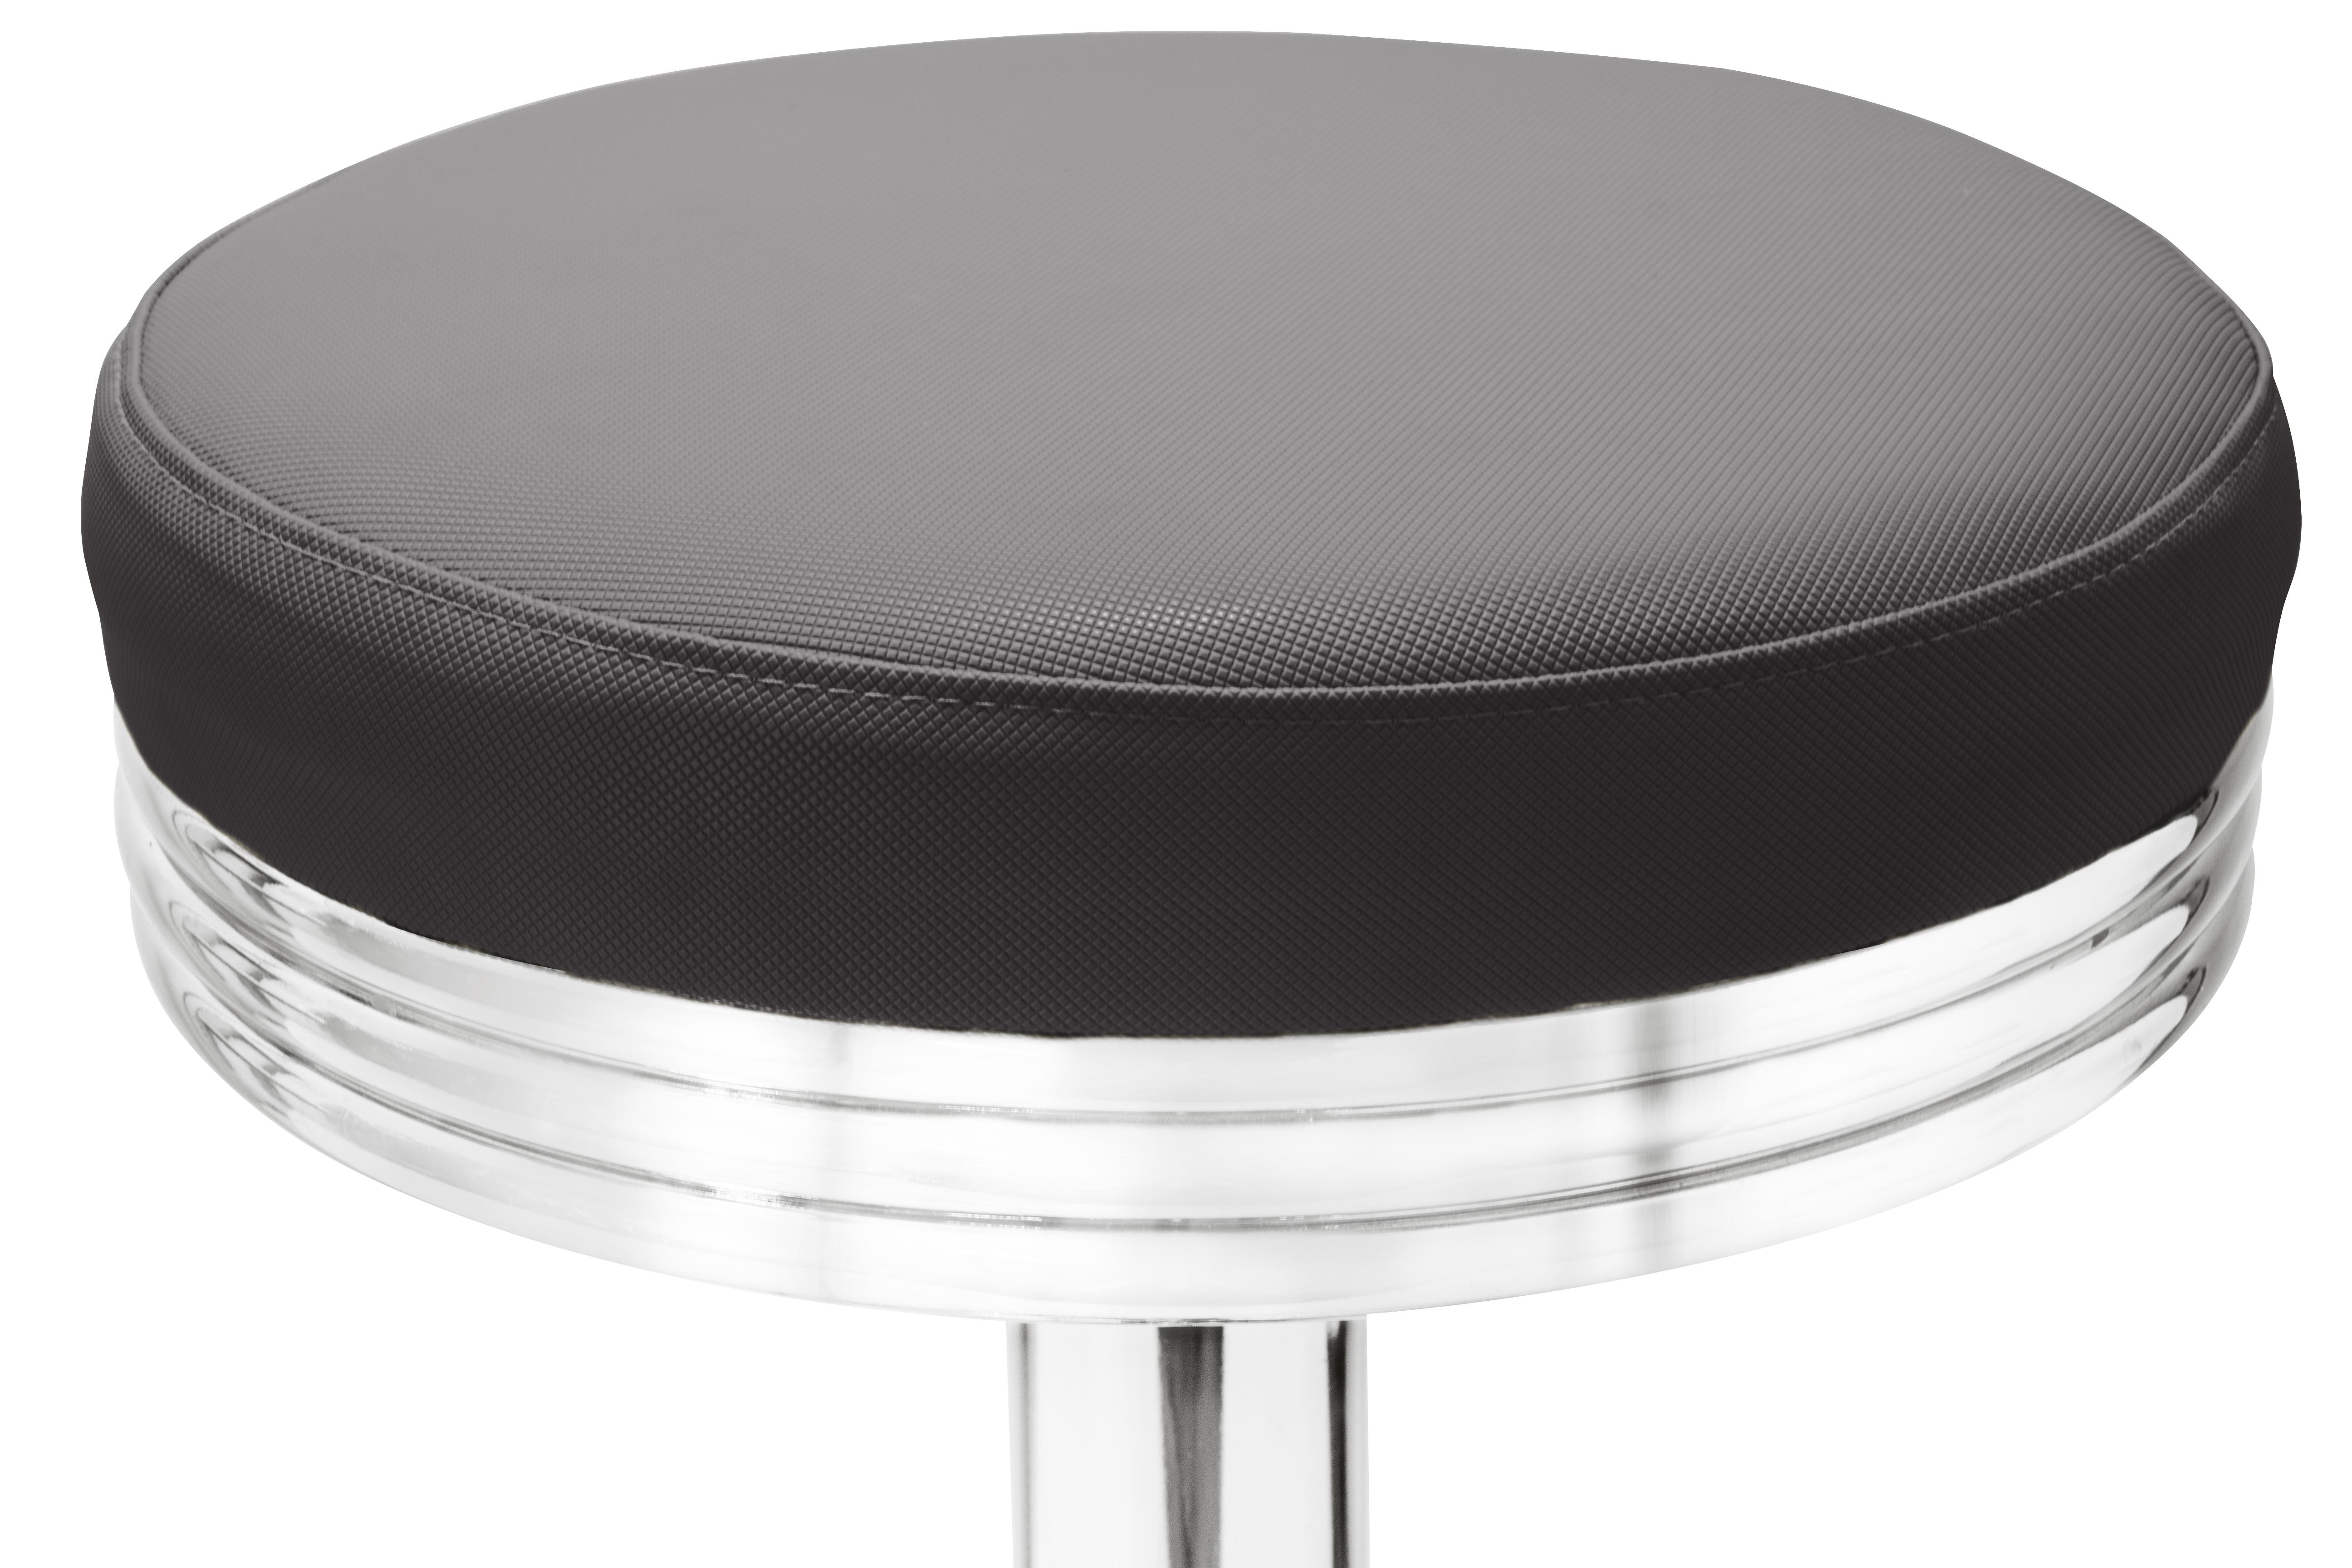 gastronomie cafe barhocker oval schwarz mit sitzpolsterung m bel star. Black Bedroom Furniture Sets. Home Design Ideas